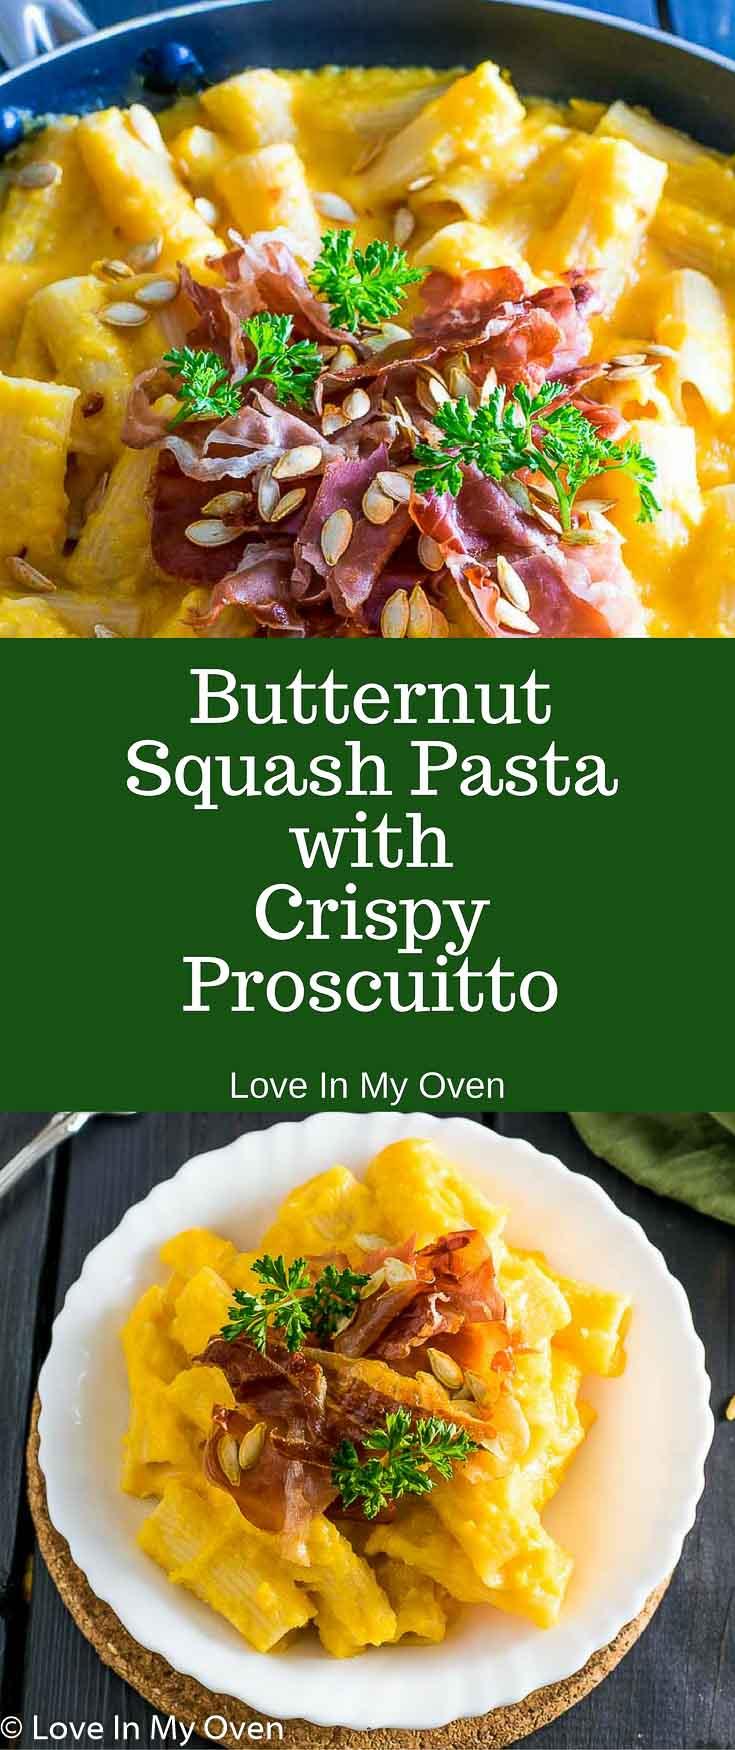 Easy Butternut Squash Pasta with Crispy Prosciutto